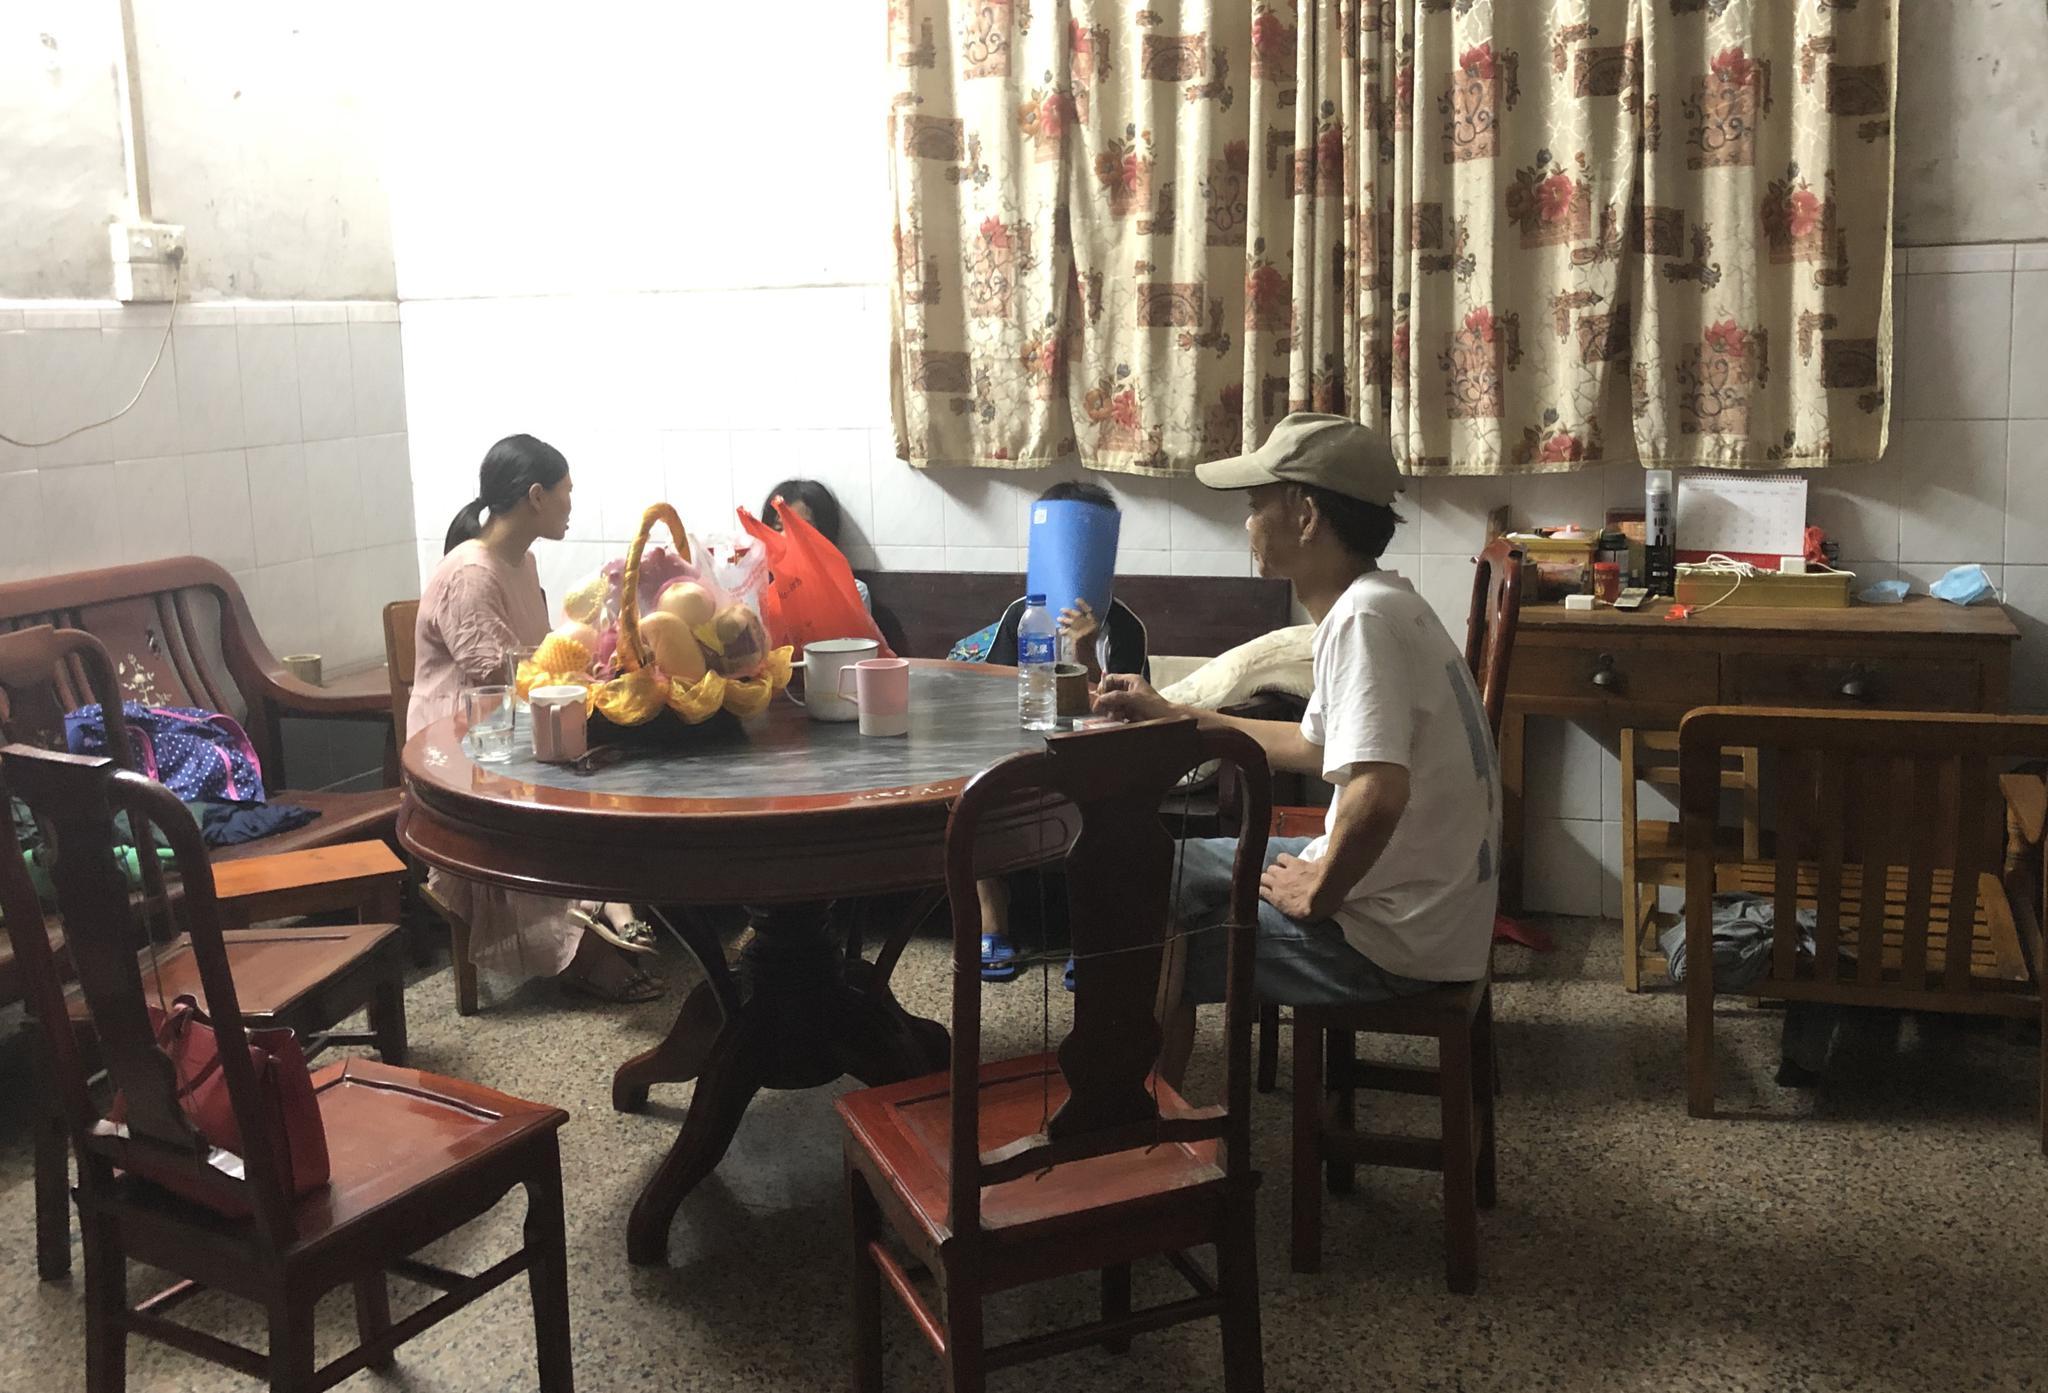 8月20日晚,小月(化名)在接受心理疏导。澎湃新闻记者 陈绪厚 图